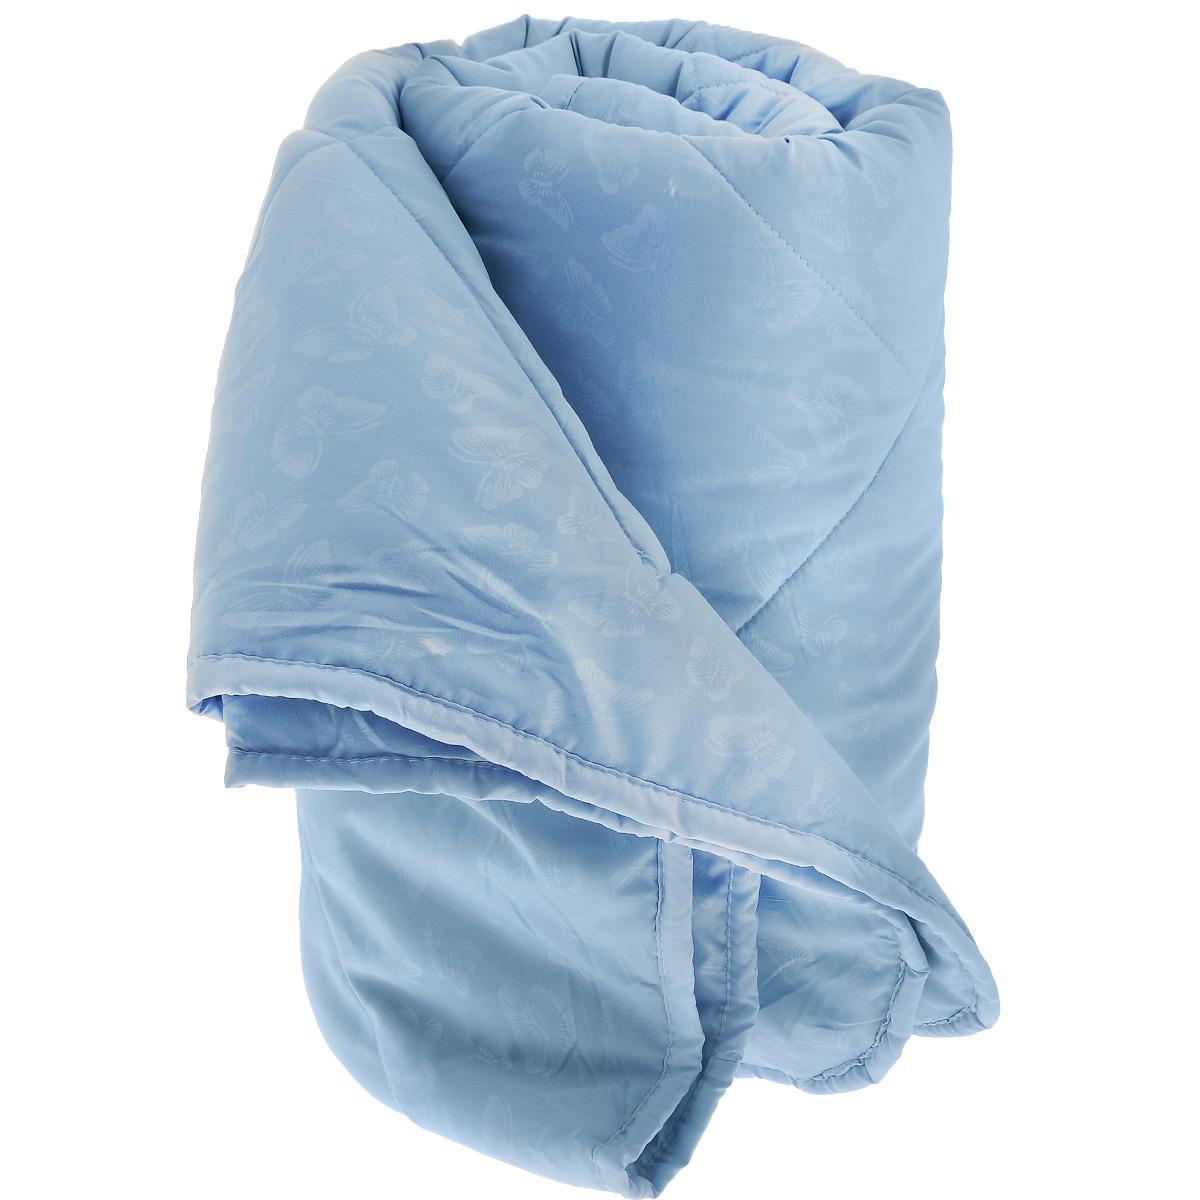 Одеяло La Prima В нежности микрофибры, наполнитель: полиэфирное волокно, цвет: голубой, 170 см х 205 см857/0222945/100/949Одеяло La Prima В нежности микрофибры очень легкое, воздушное и одновременно теплое. Идеально подойдет тем, кто ценит мягкость и тепло. Такое изделие подарит комфортный сон. Благодаря особой структуре микроволокна, изделие приобретают дополнительную мягкость и надолго сохраняют свой первоначальный вид. Чехол одеяла выполнен из шелковистой микрофибры, оформленной изящным фактурным теснением в виде бабочек. Наполнитель - полиэфирное волокно - холлотек. Изделие обладает высокой воздухопроницаемостью, прекрасно сохраняет тепло. Оно гипоаллергенно, очень практично и неприхотливо в уходе. Ручная стирка при температуре 30°С. Материал чехла: 100% полиэстер - микрофибра. Наполнитель: полиэфирное волокно - холлотек. Размер: 170 см х 205 см.